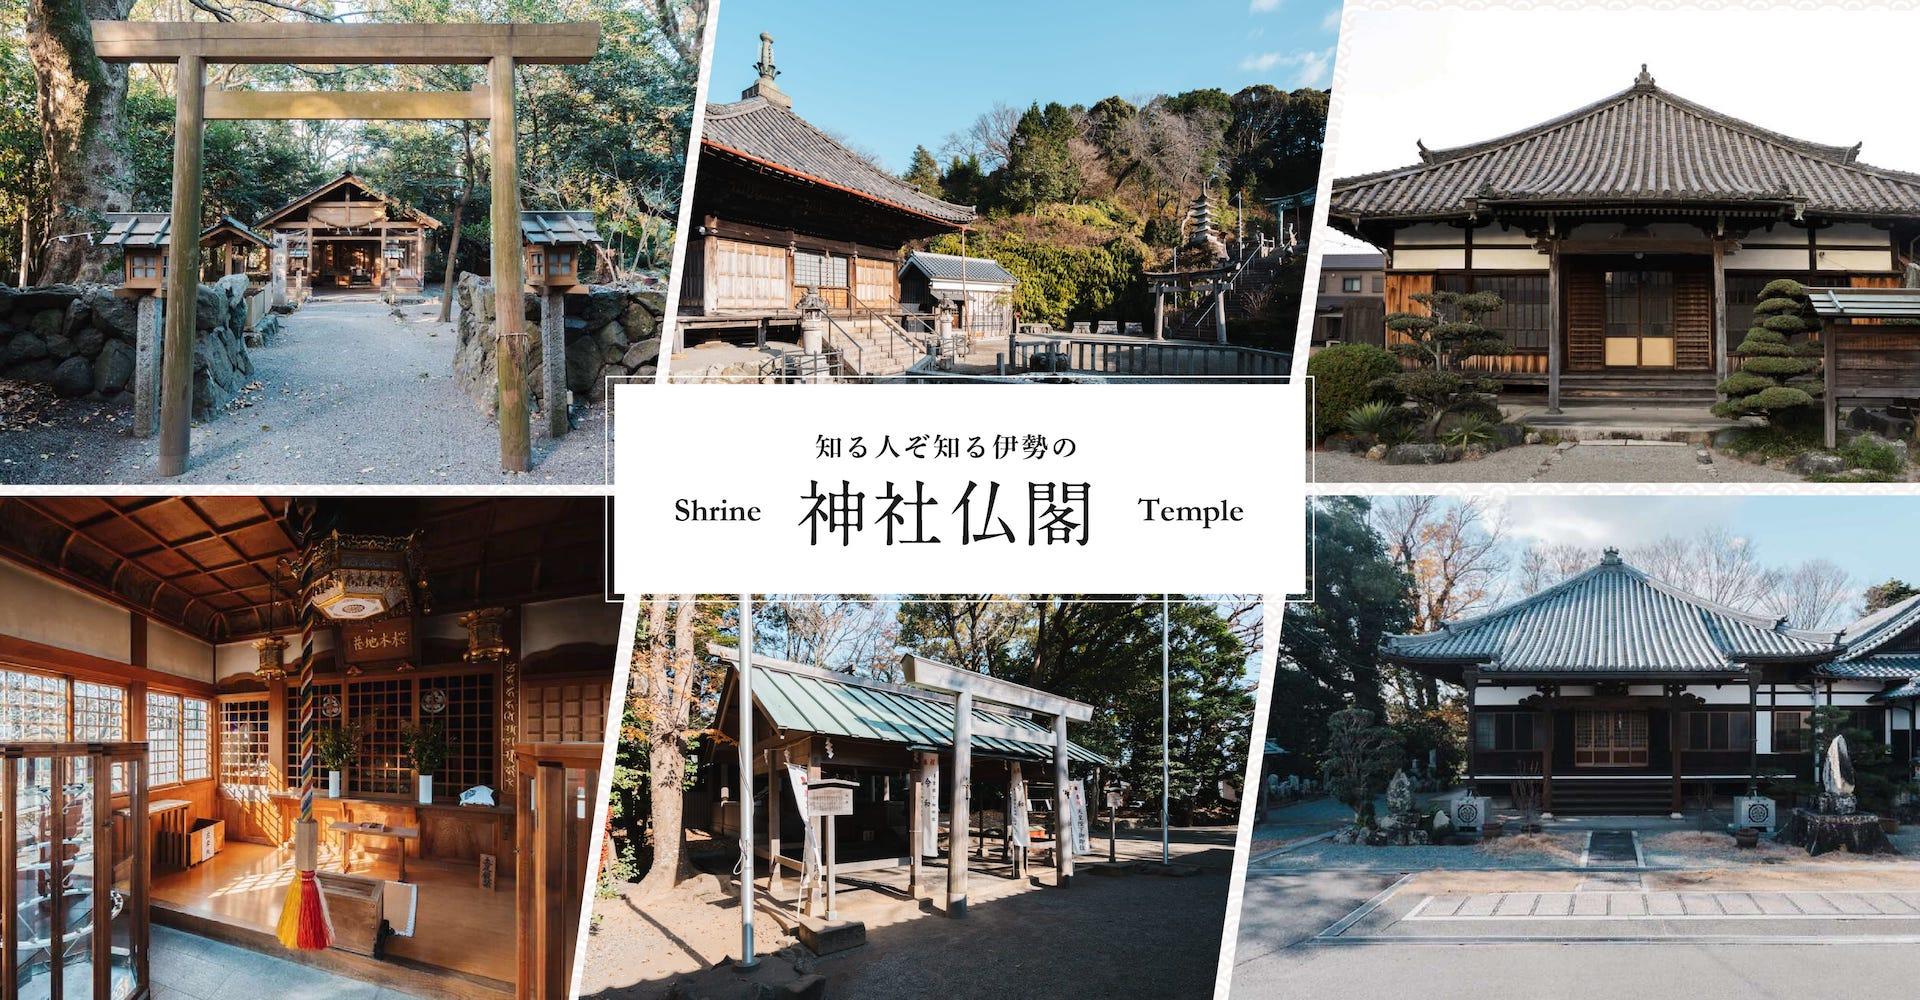 Funzione speciale sui santuari e i templi di Ise noti agli esperti